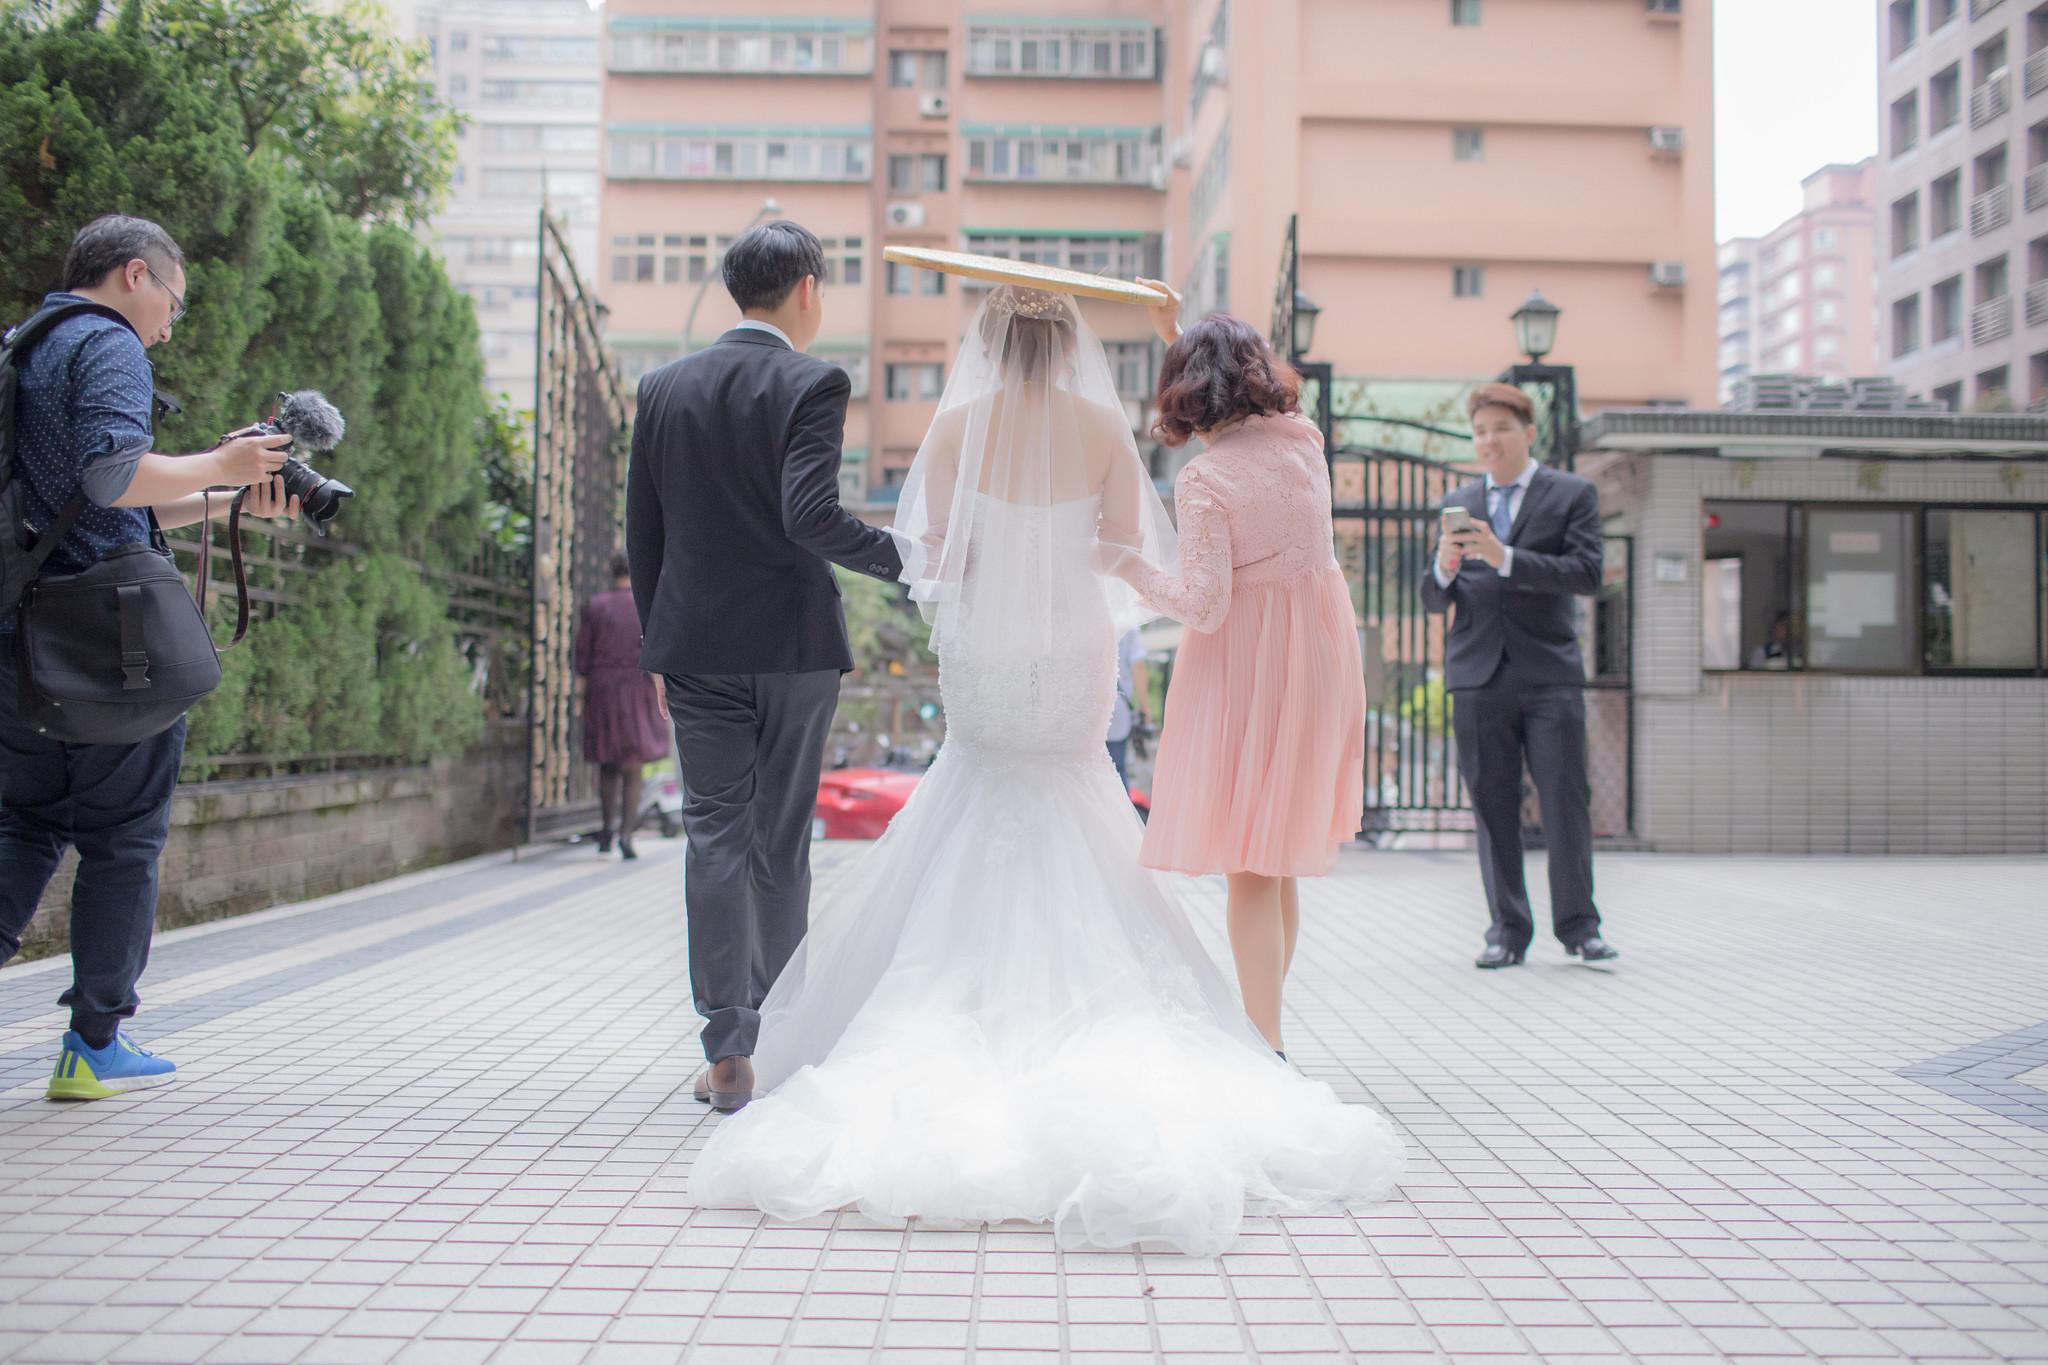 wed (11)